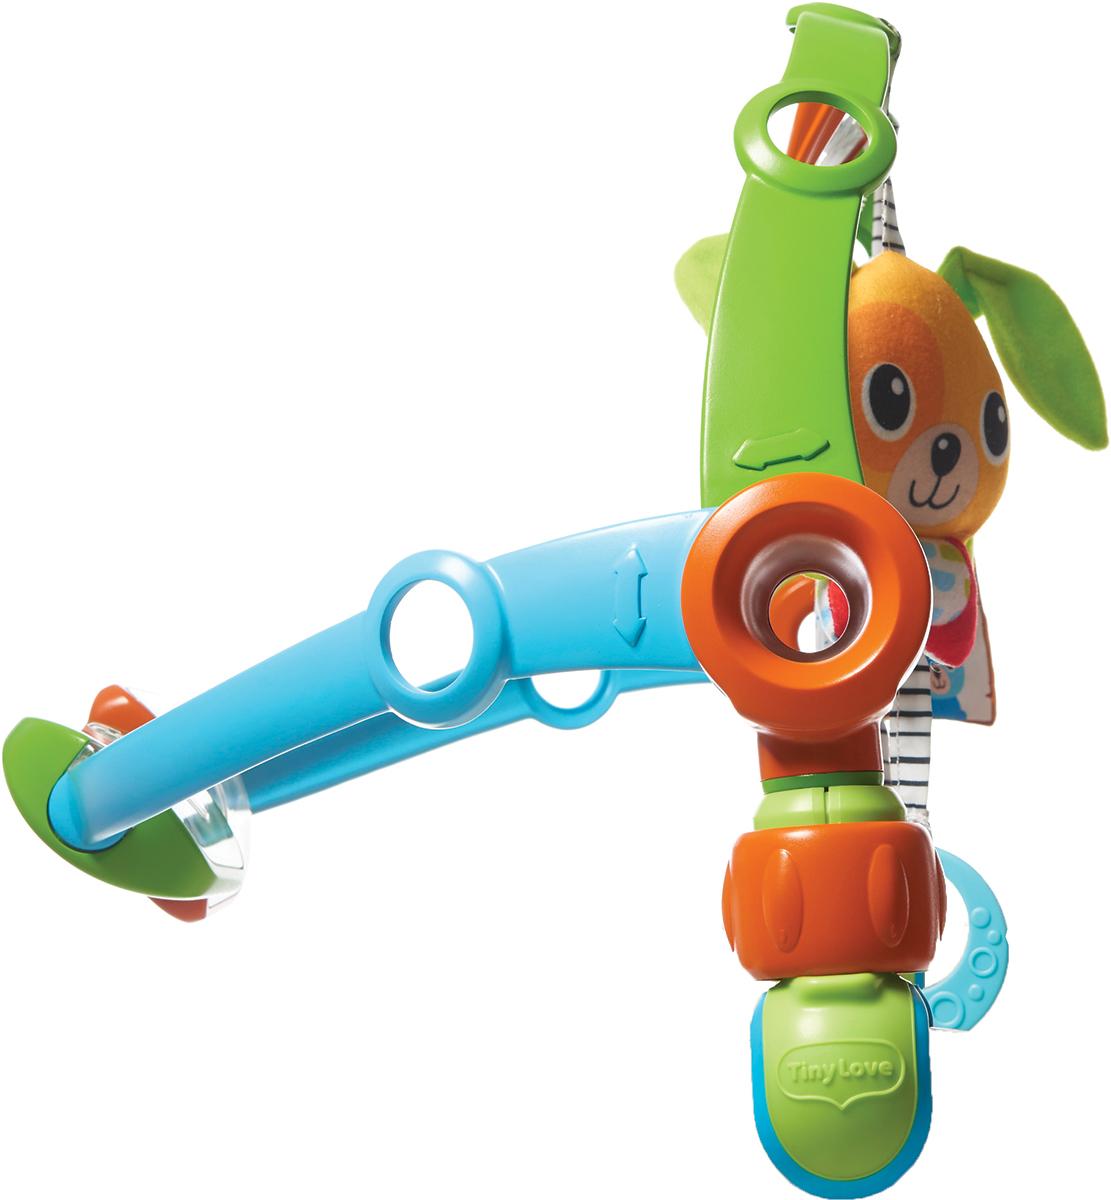 Tiny Love Развивающая дуга Путешествие - Игрушки для малышей